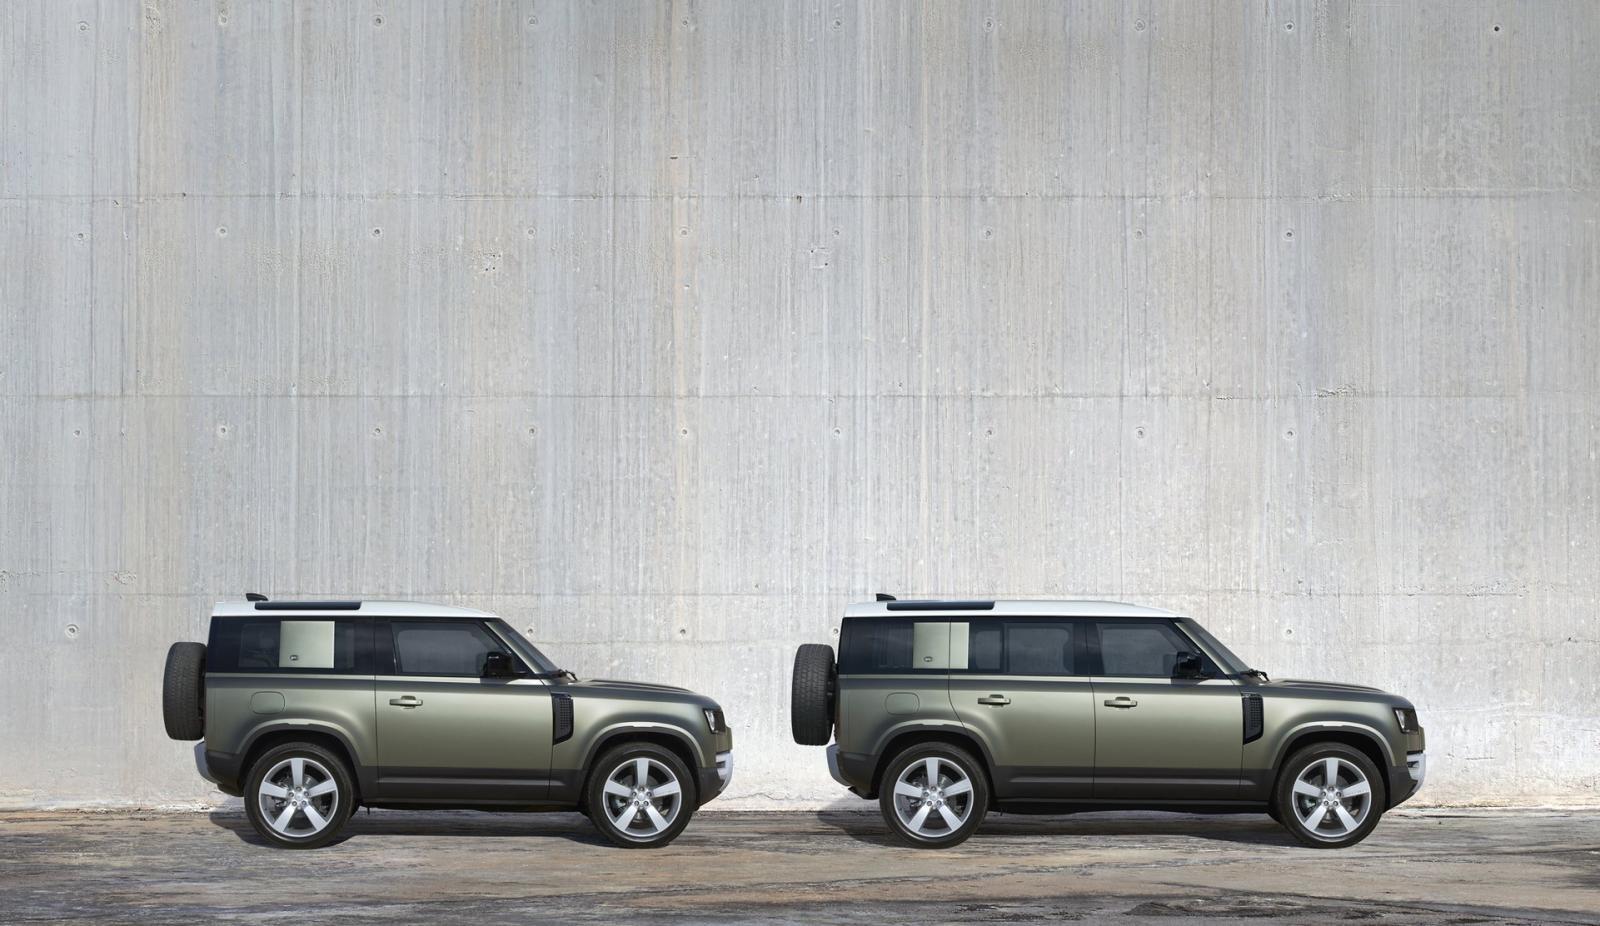 Land Rover Defender 2021 thiết kế đặc trưng, dễ nhận biết.